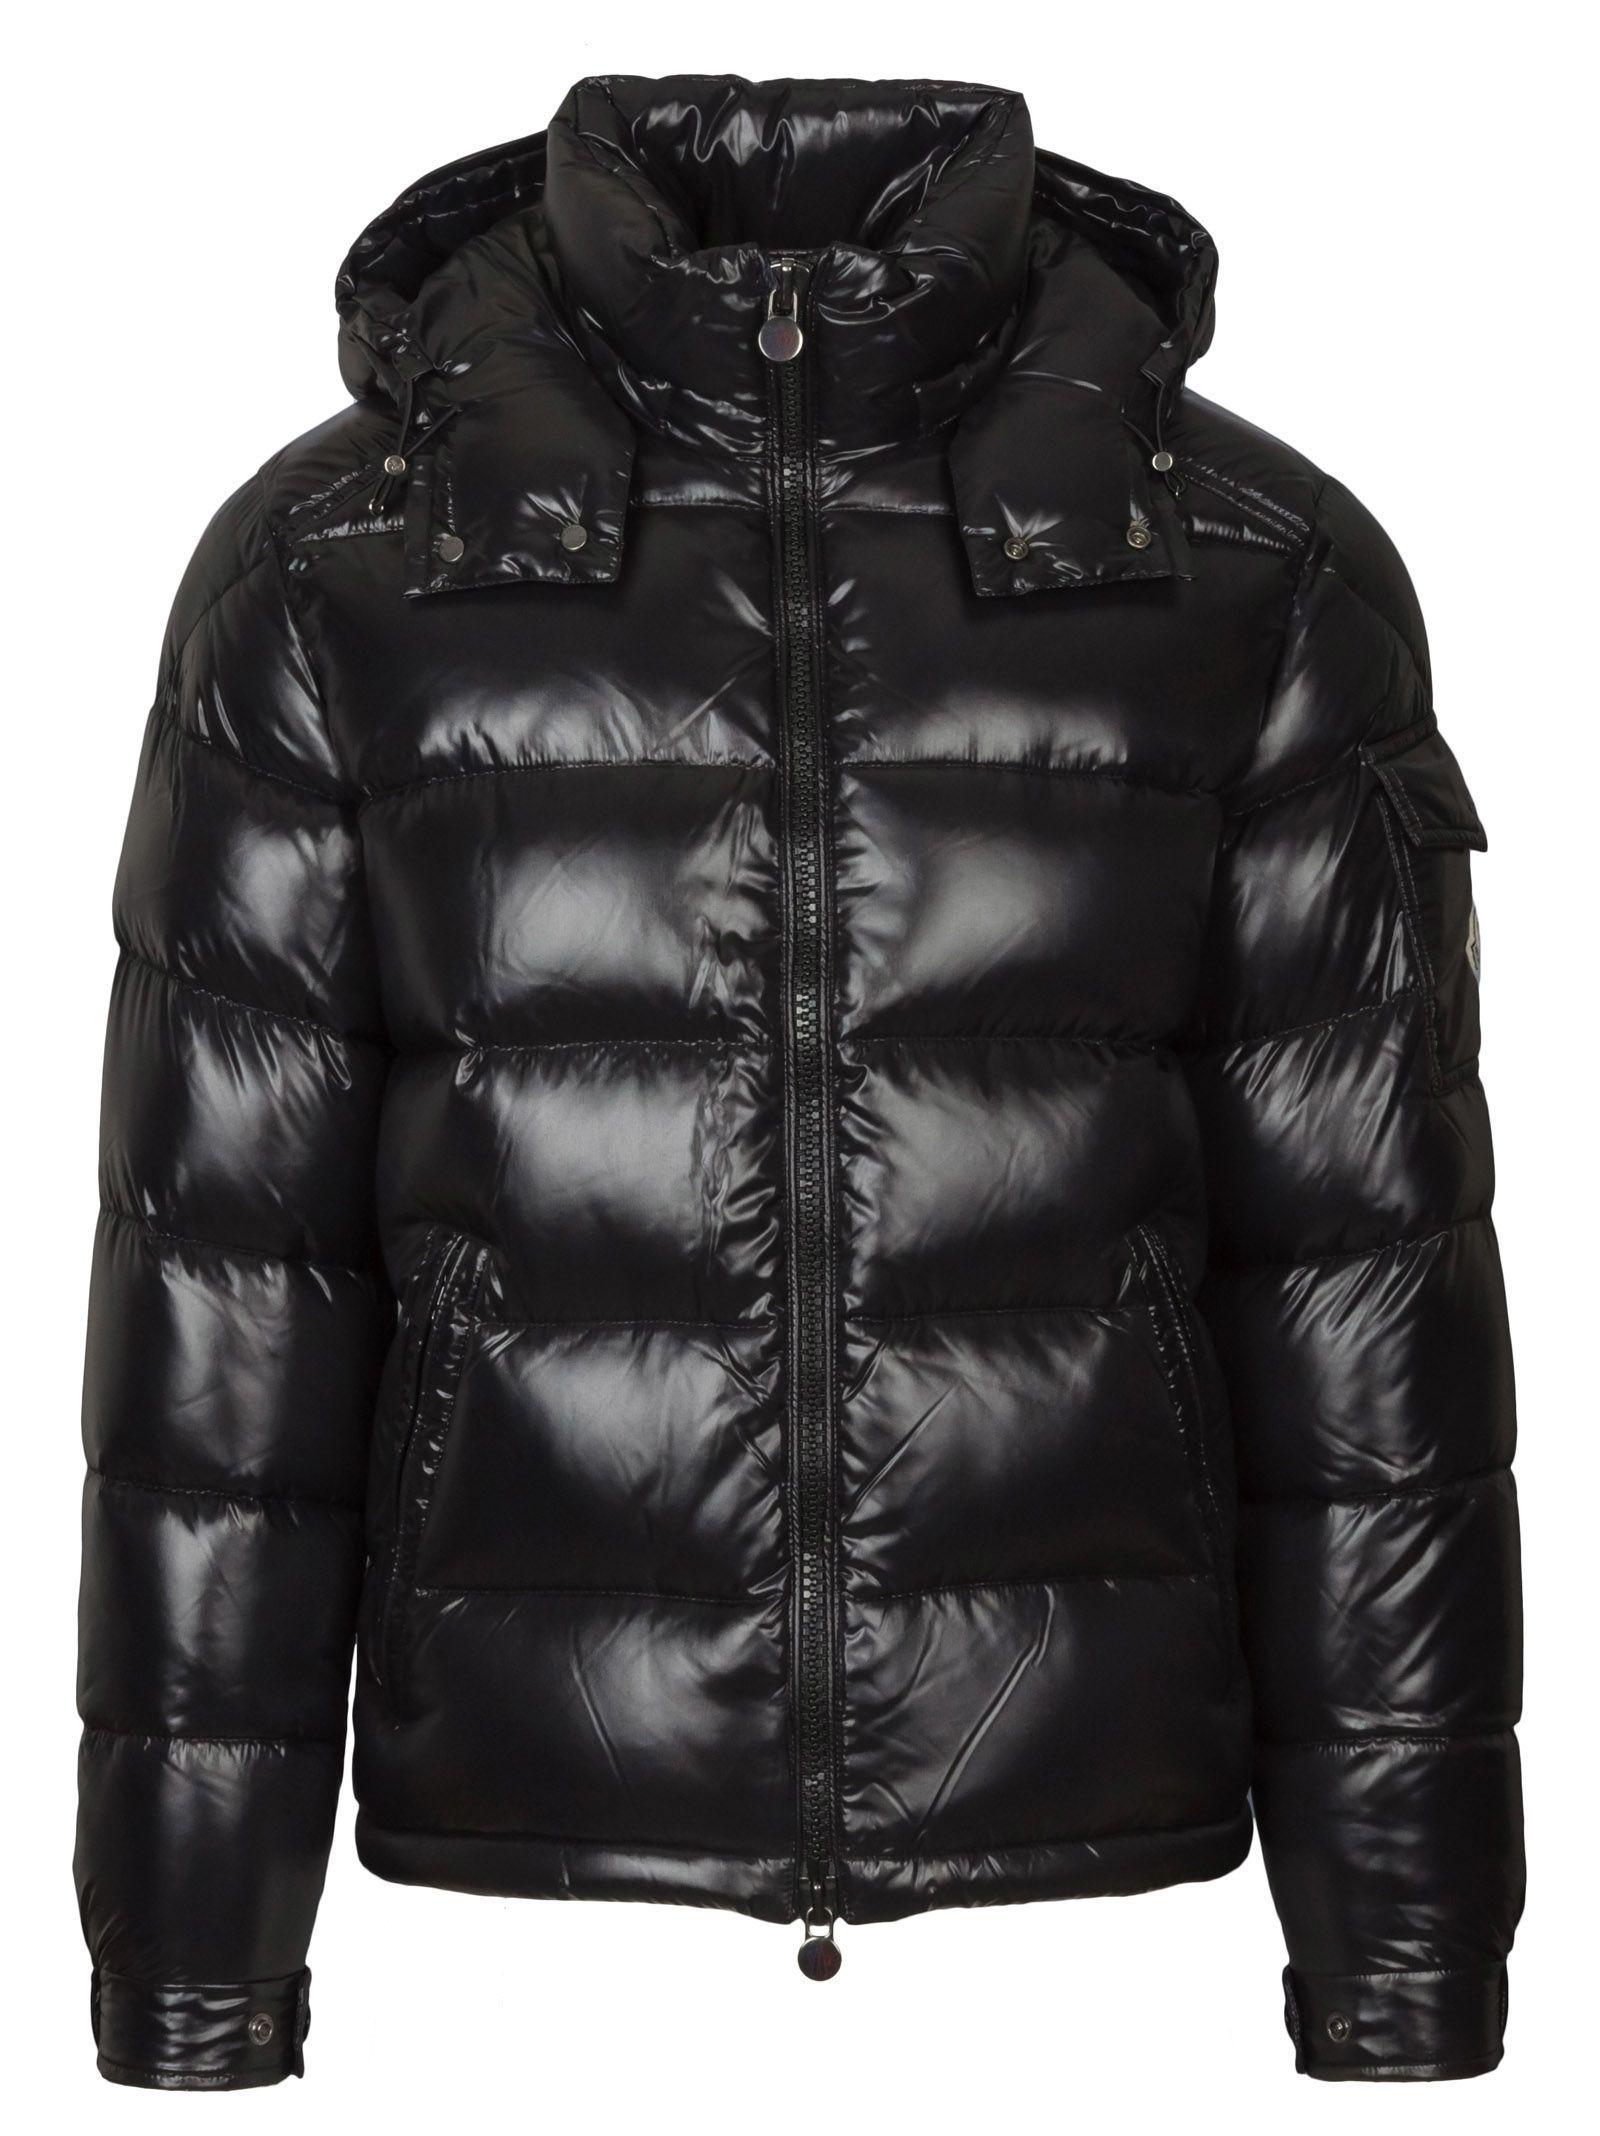 Maya Jacket In Nero Moncler, Jackets, Sweater jacket